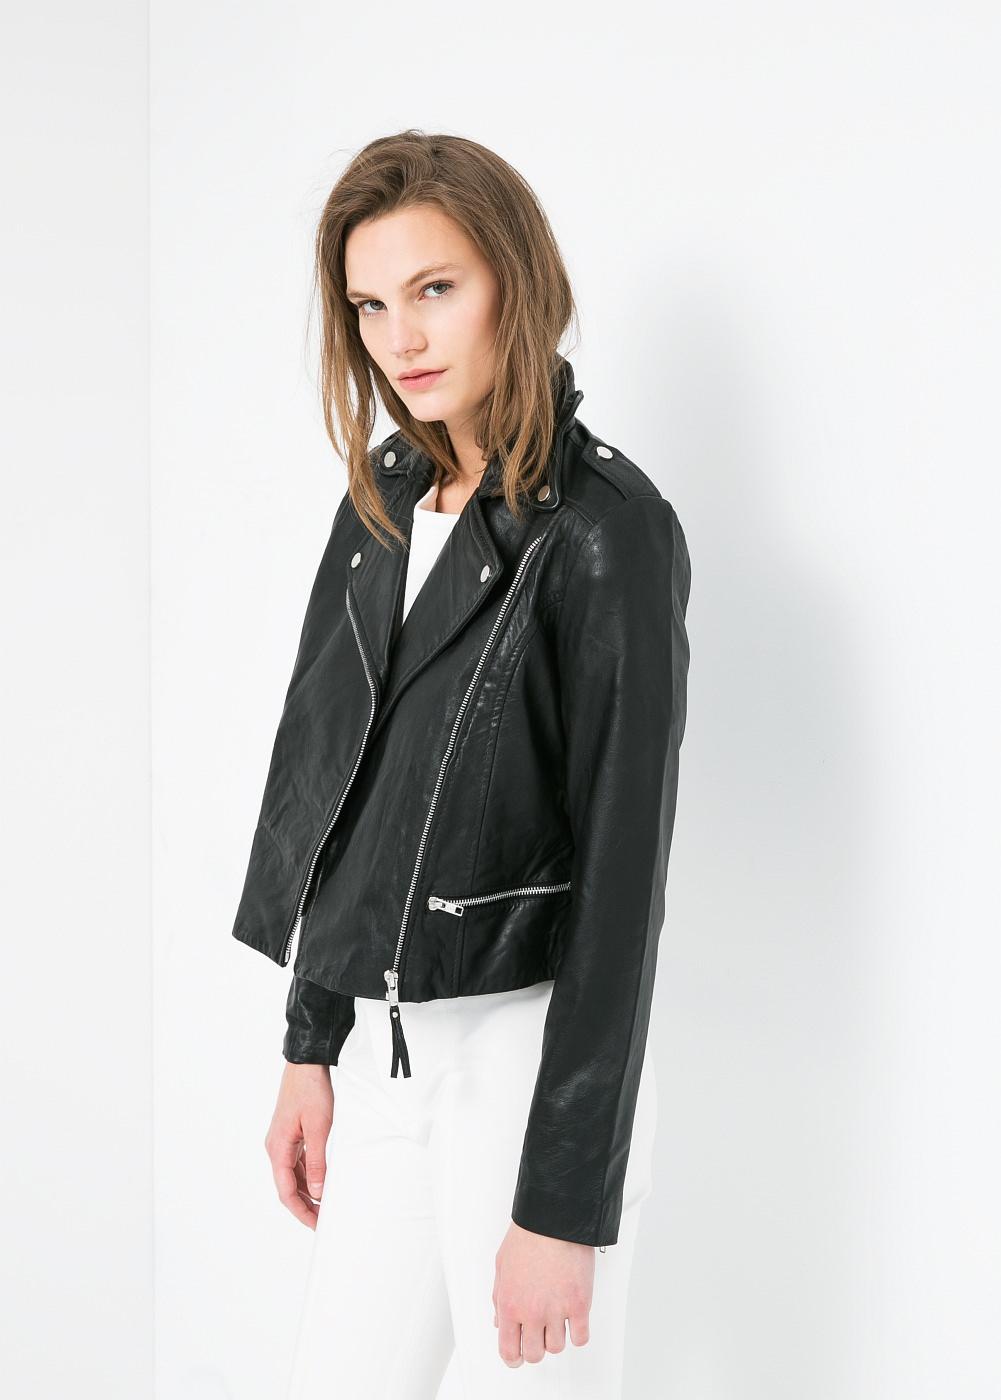 Mango  Leather Biker Jacket  ($190)